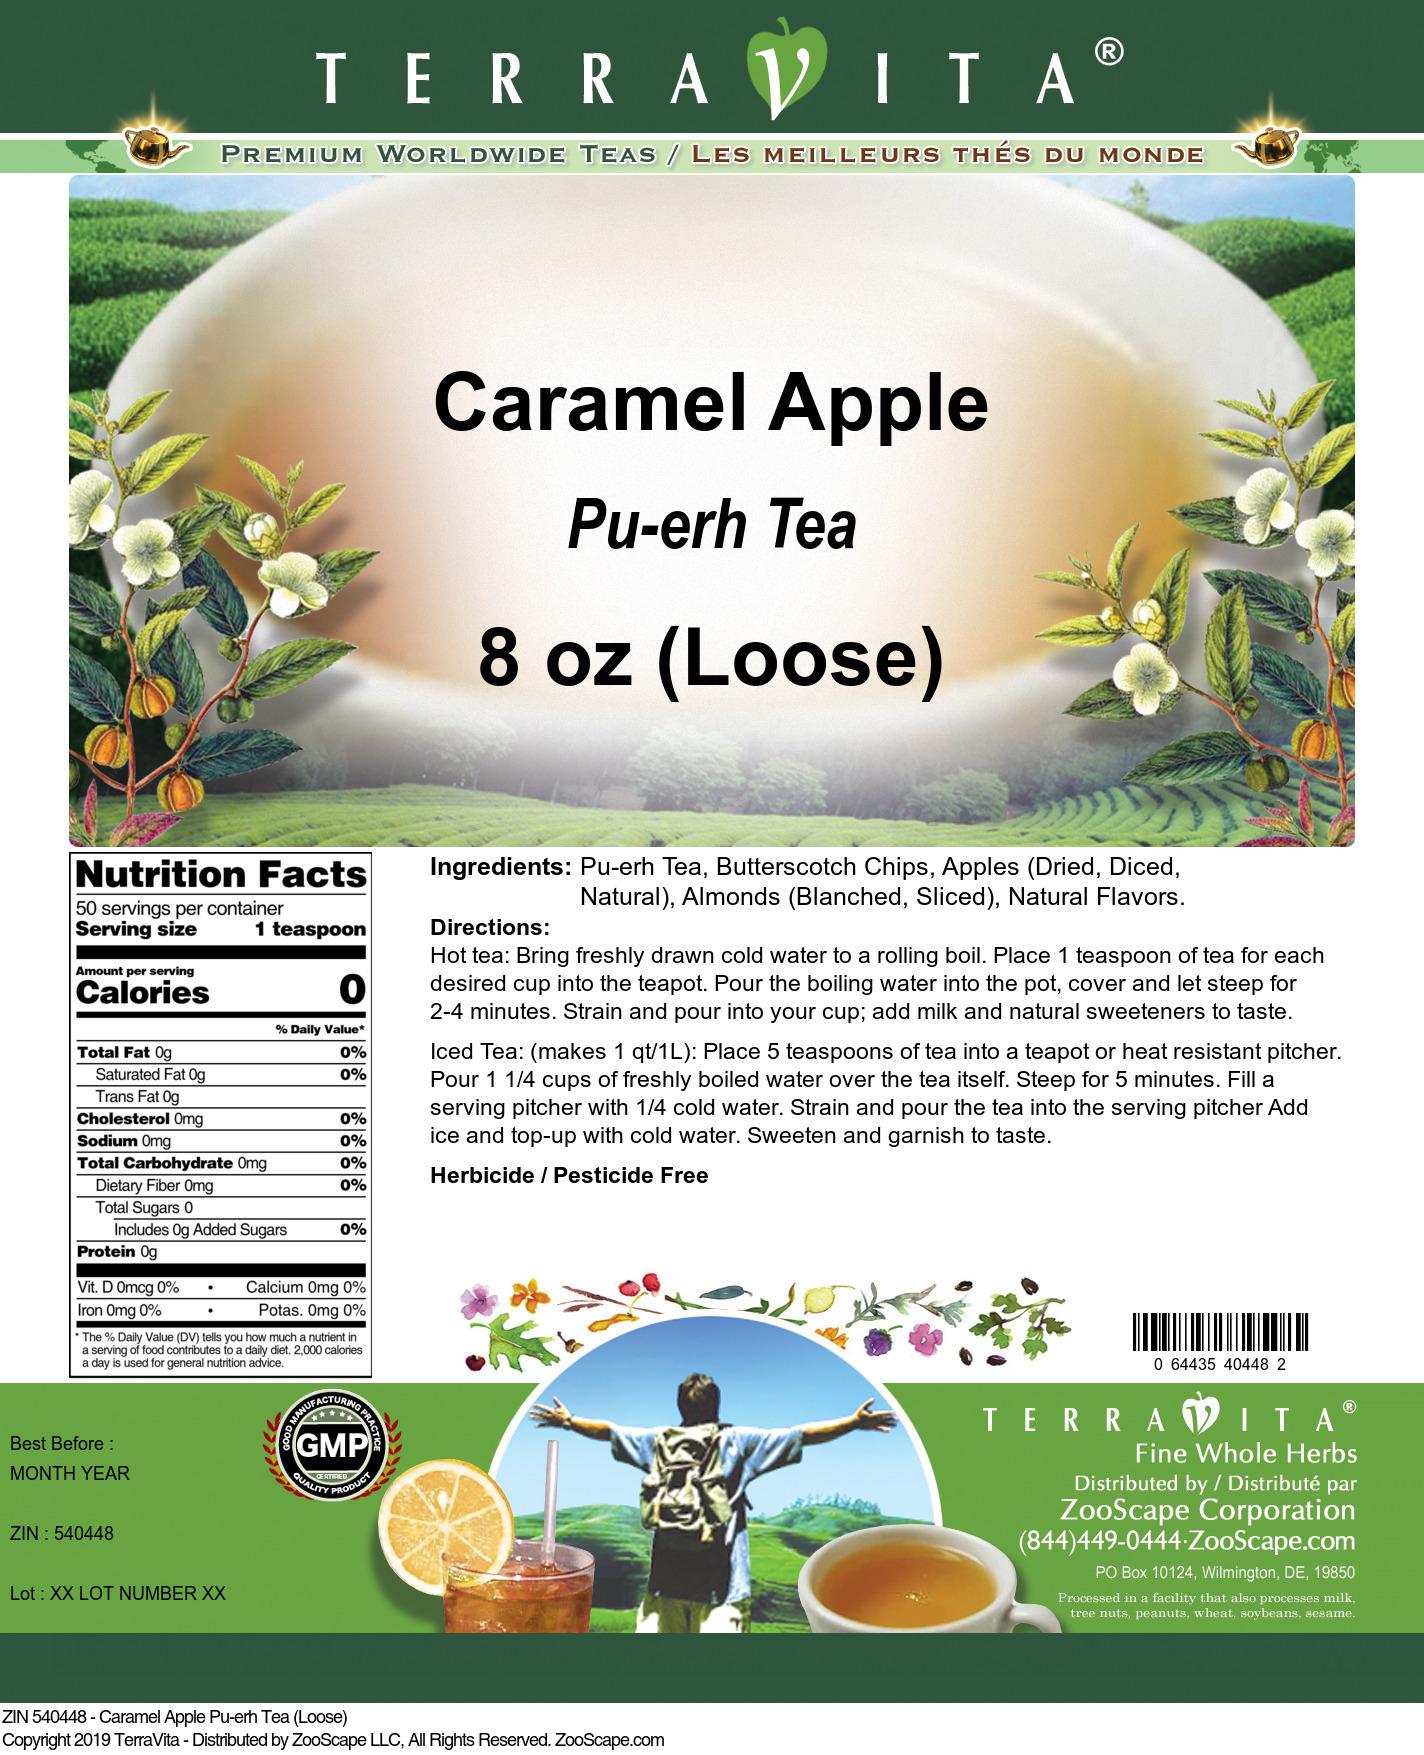 Caramel Apple Pu-erh Tea (Loose)